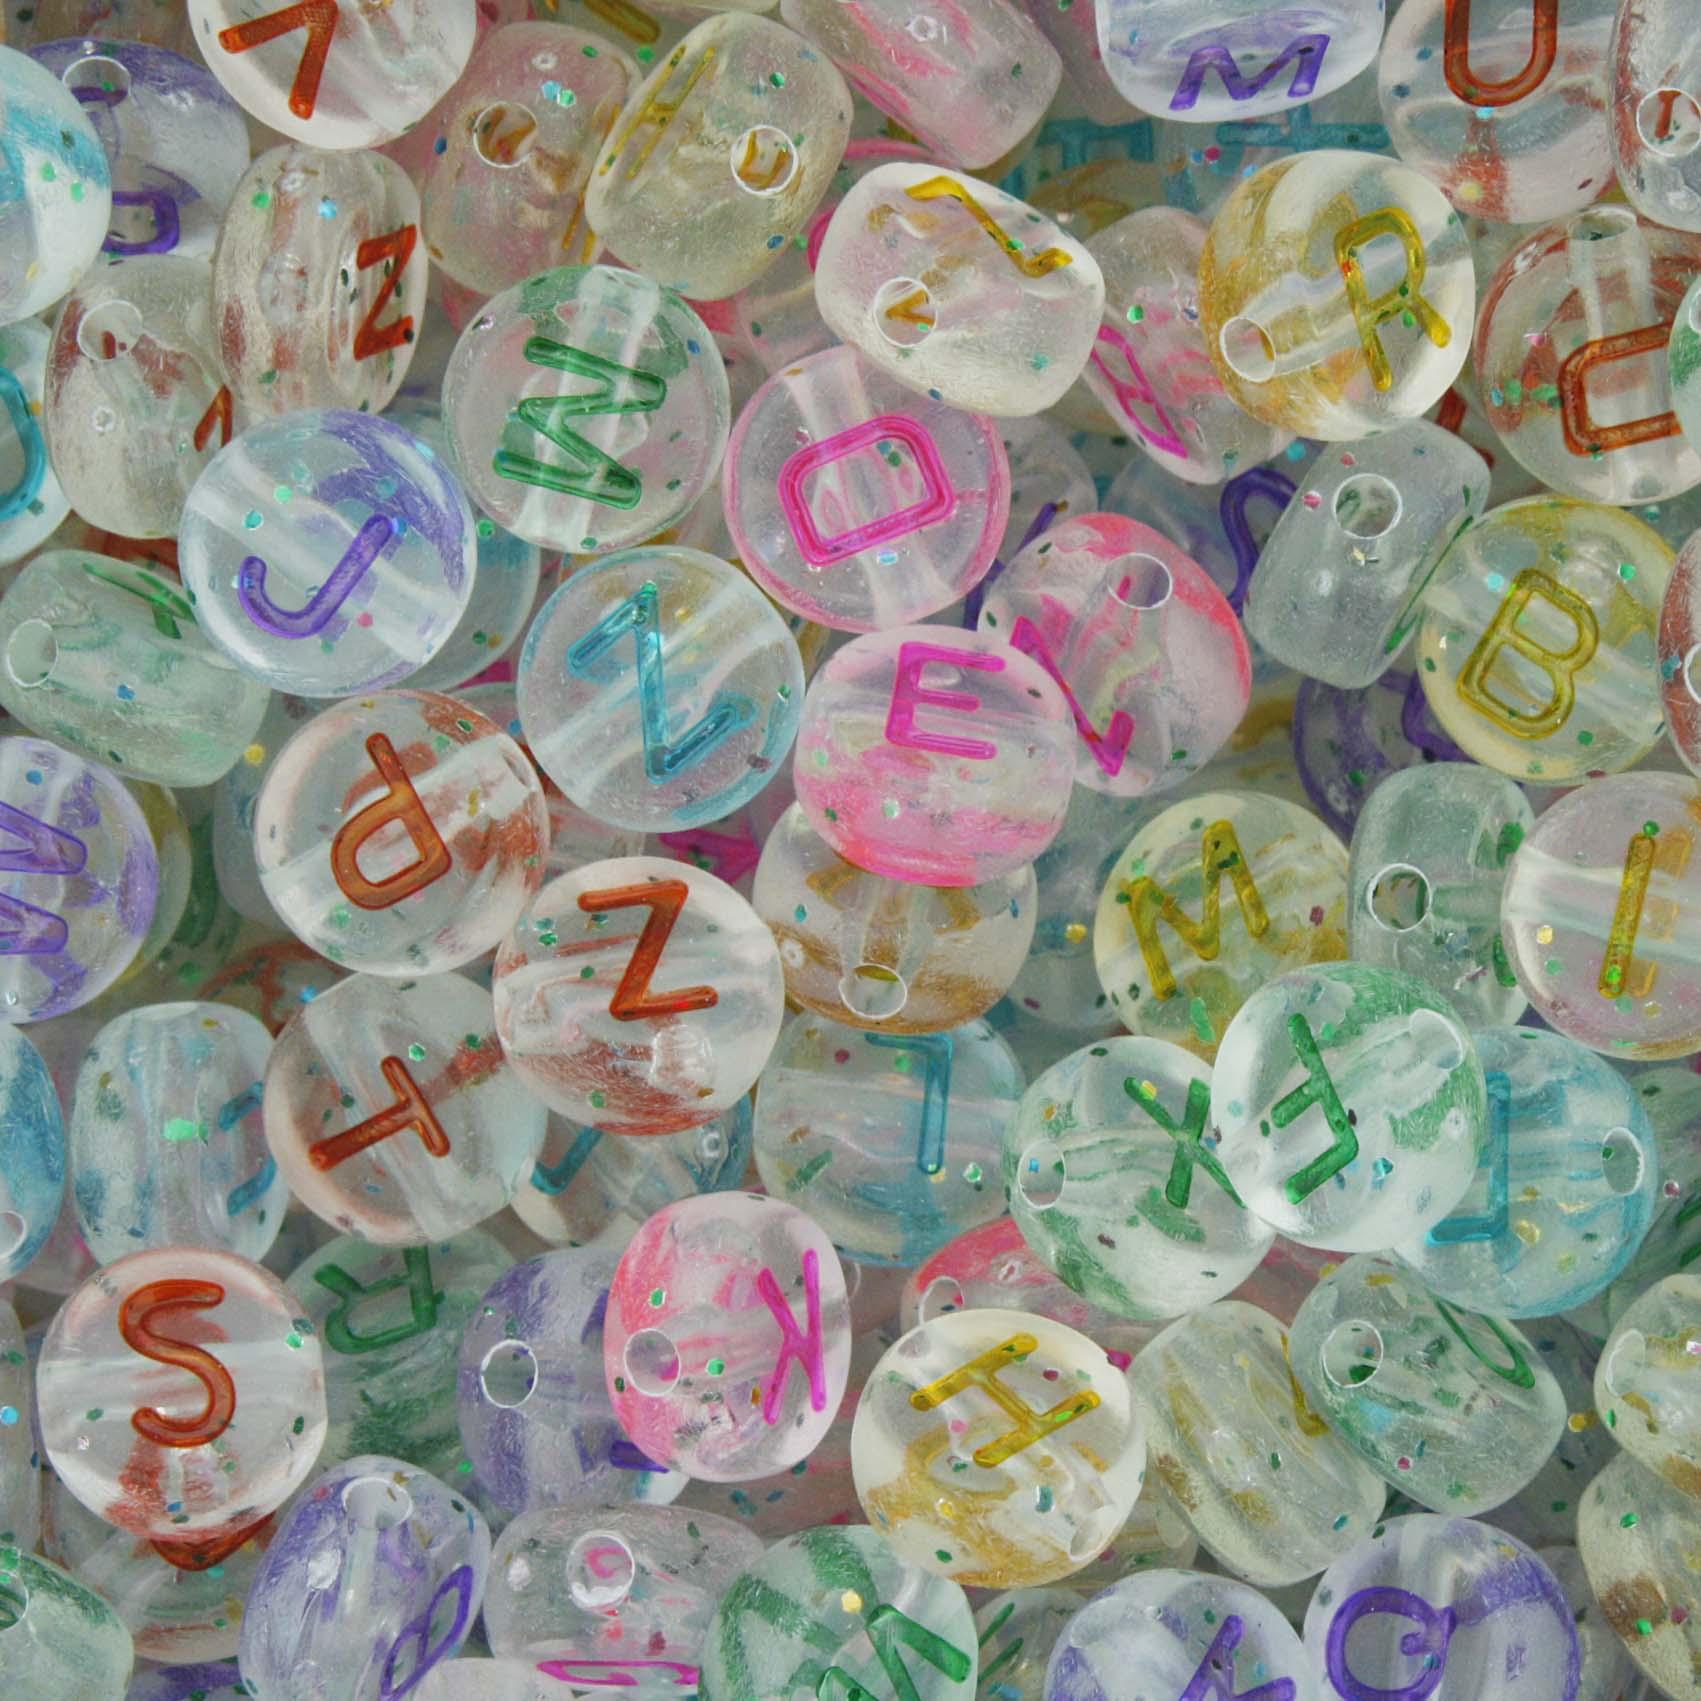 Miçanga - Letras Disco Colors Transparente c/ Glitter  - Stéphanie Bijoux® - Peças para Bijuterias e Artesanato